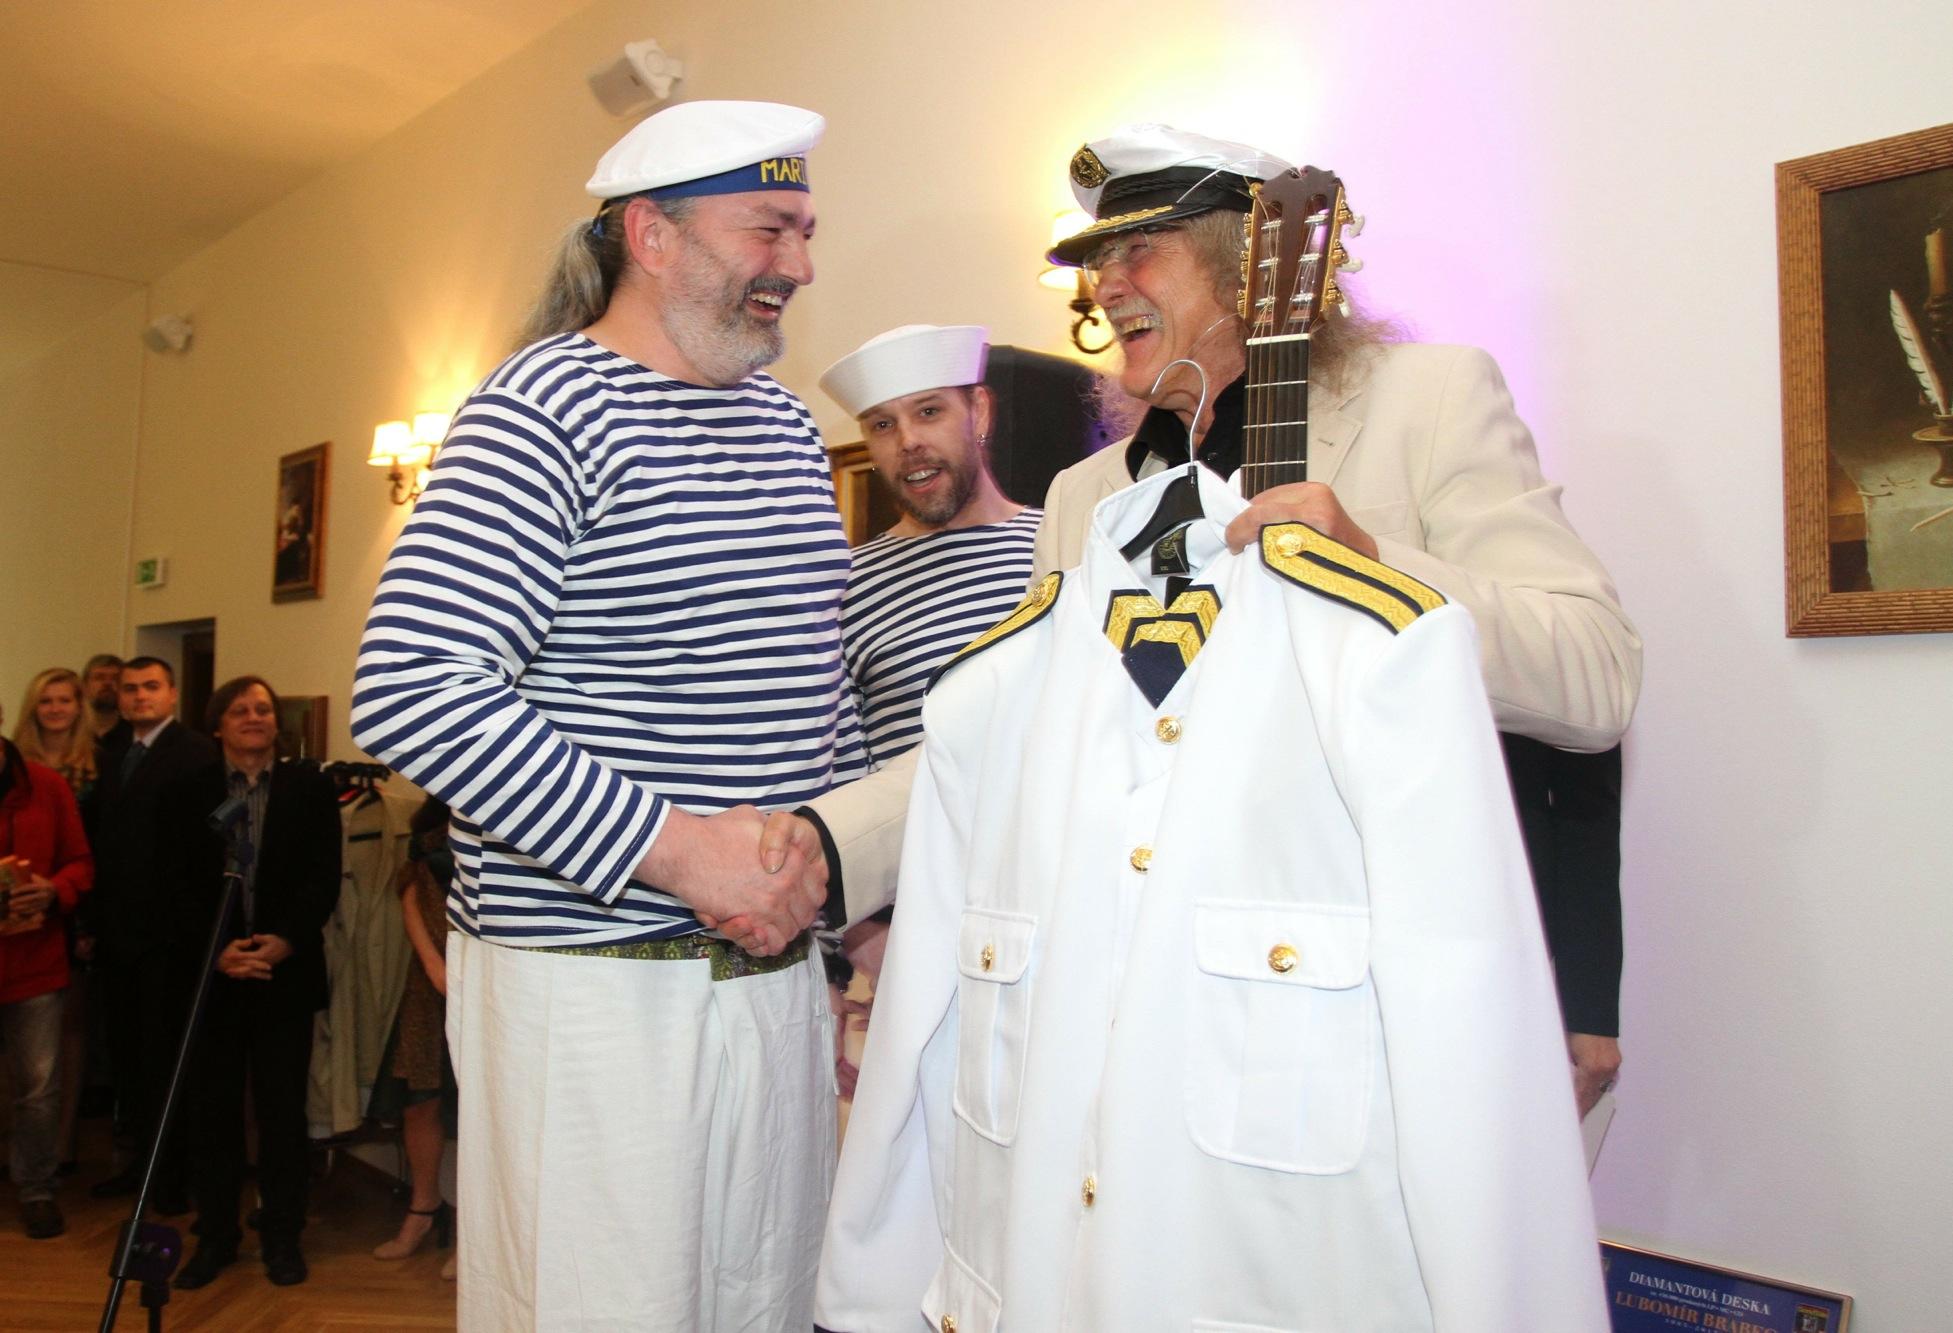 Od Daniela Hůlky a jeho manažera Martina Svobody dostal Lubomír Brabec kapitánskou uniformu. Kluci spolu provozují jachting.